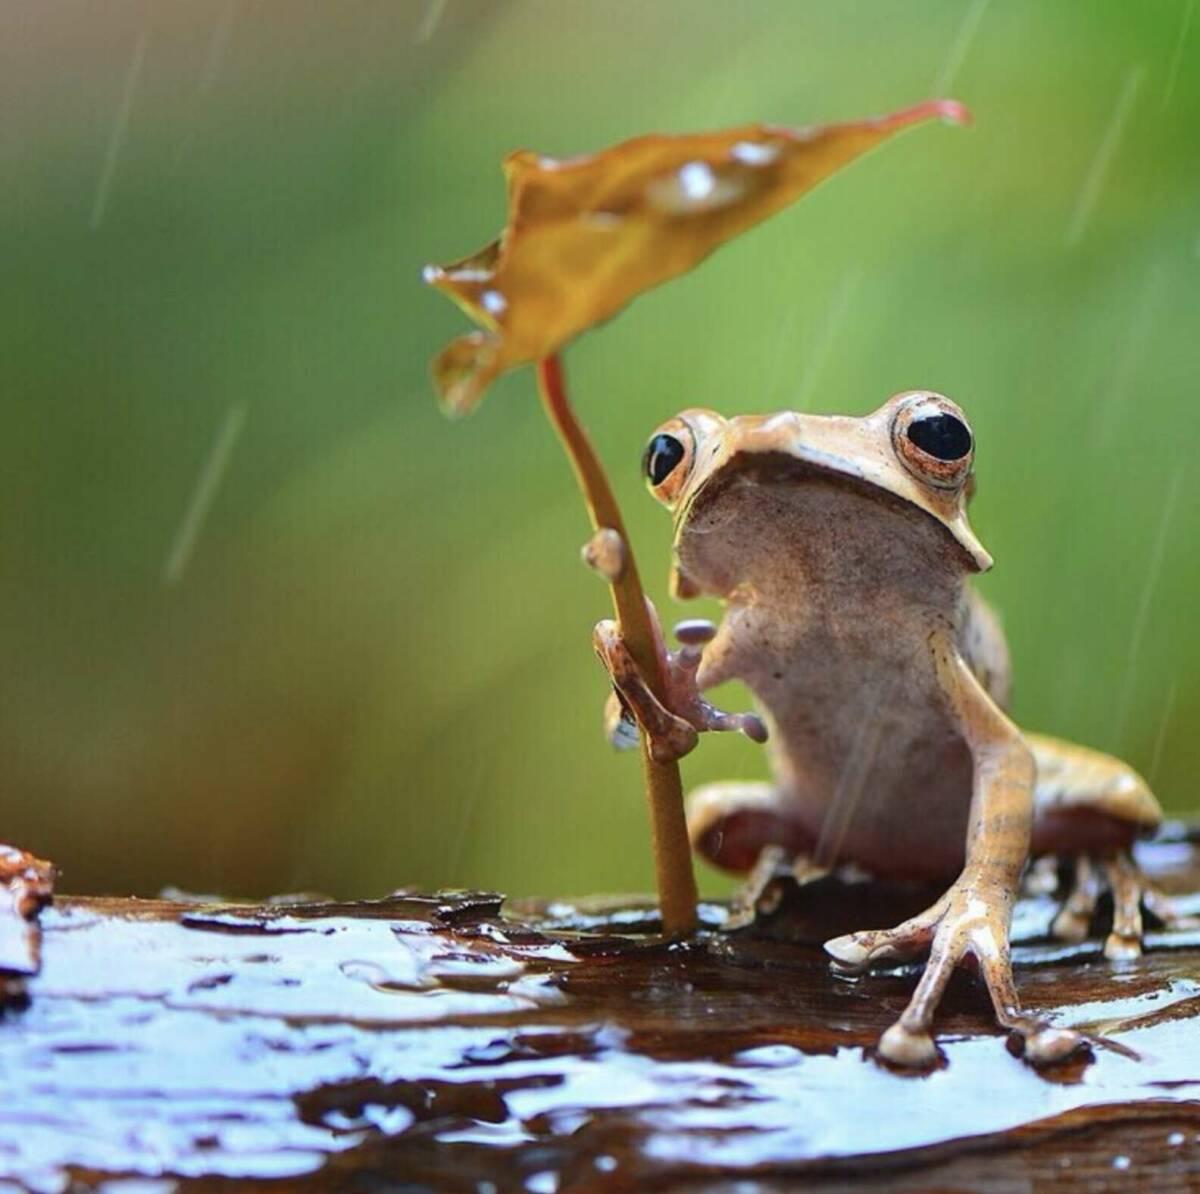 Niezwykła scena z udziałem dwóch żab. Takie ujęcie zdarza się raz na milion